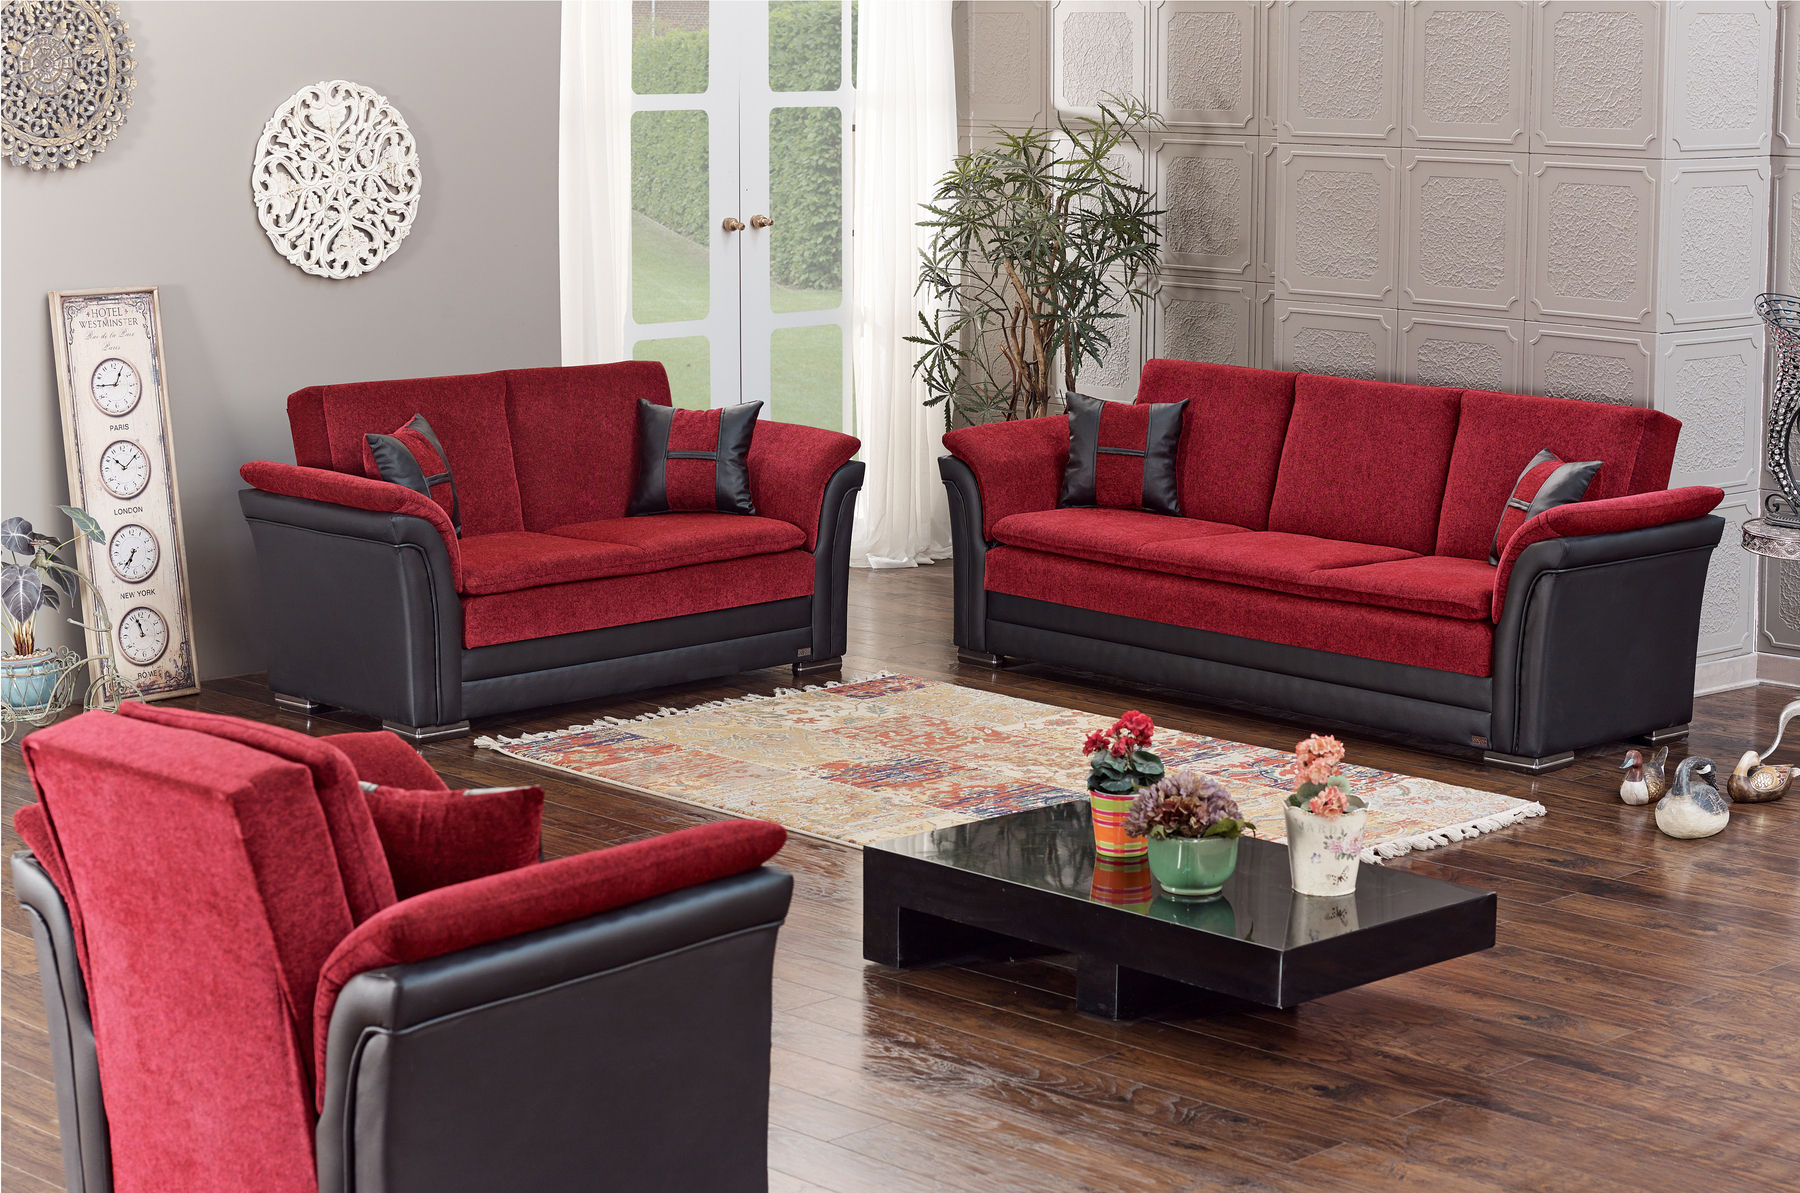 Meyan Furniture Fabric Sofas